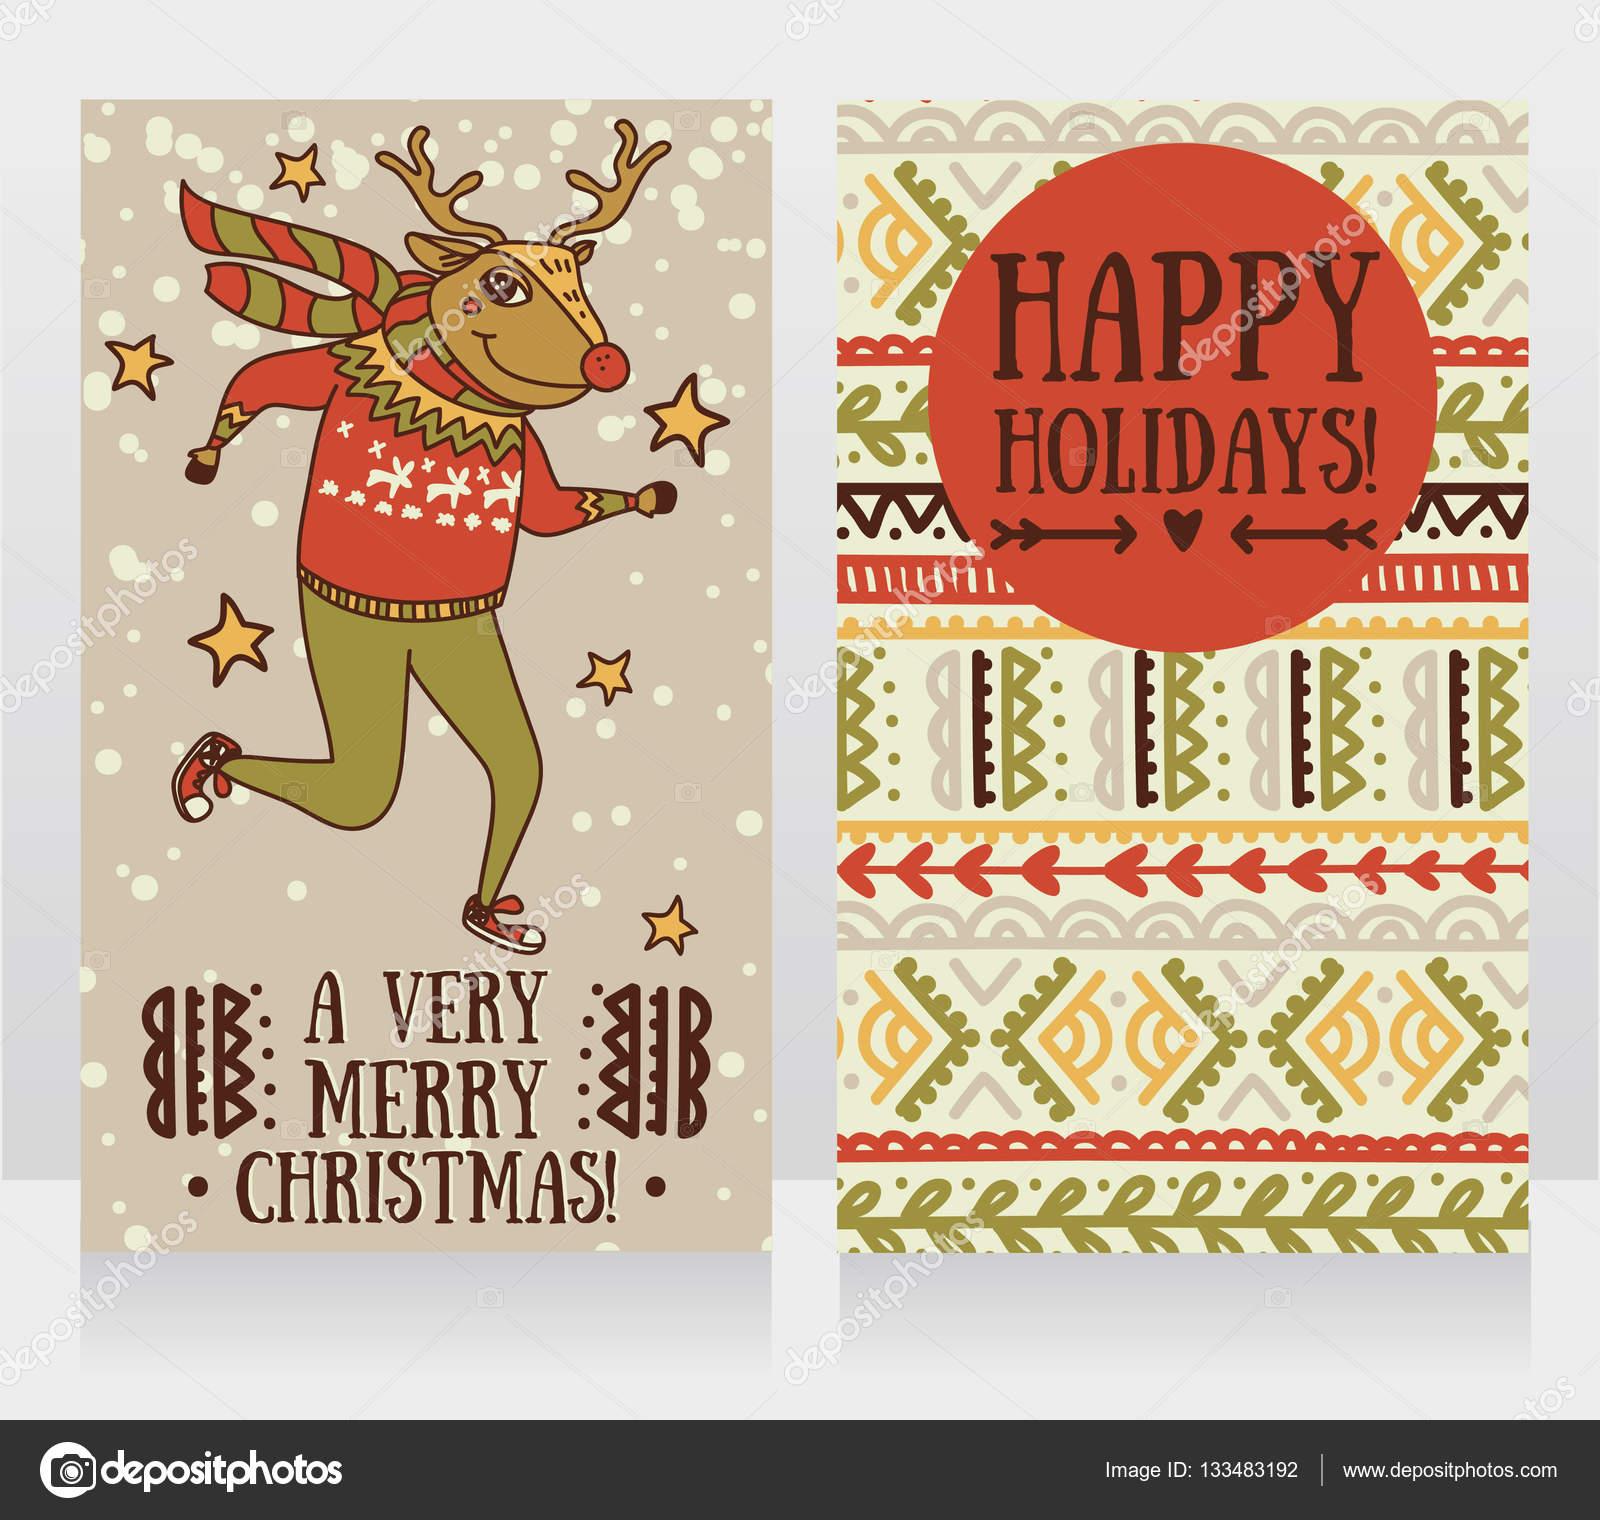 Doodle Weihnachtsfeier.Zwei Niedliche Karten Für Weihnachtsfeier Mit Doodle Lustig Hirsch